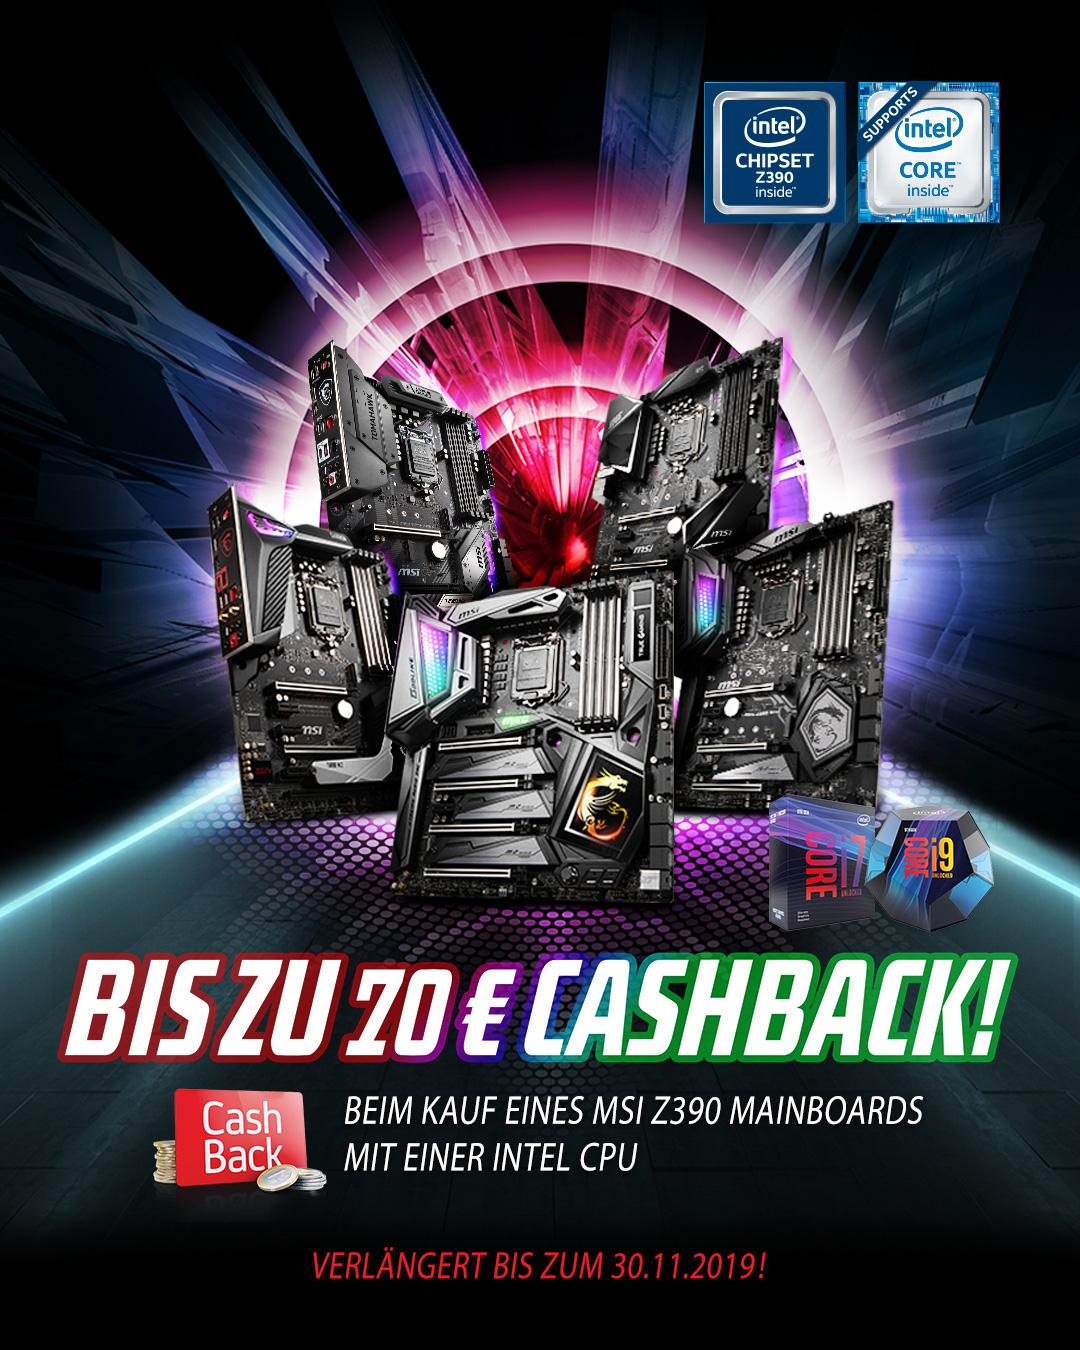 Intel Z390 Cashback